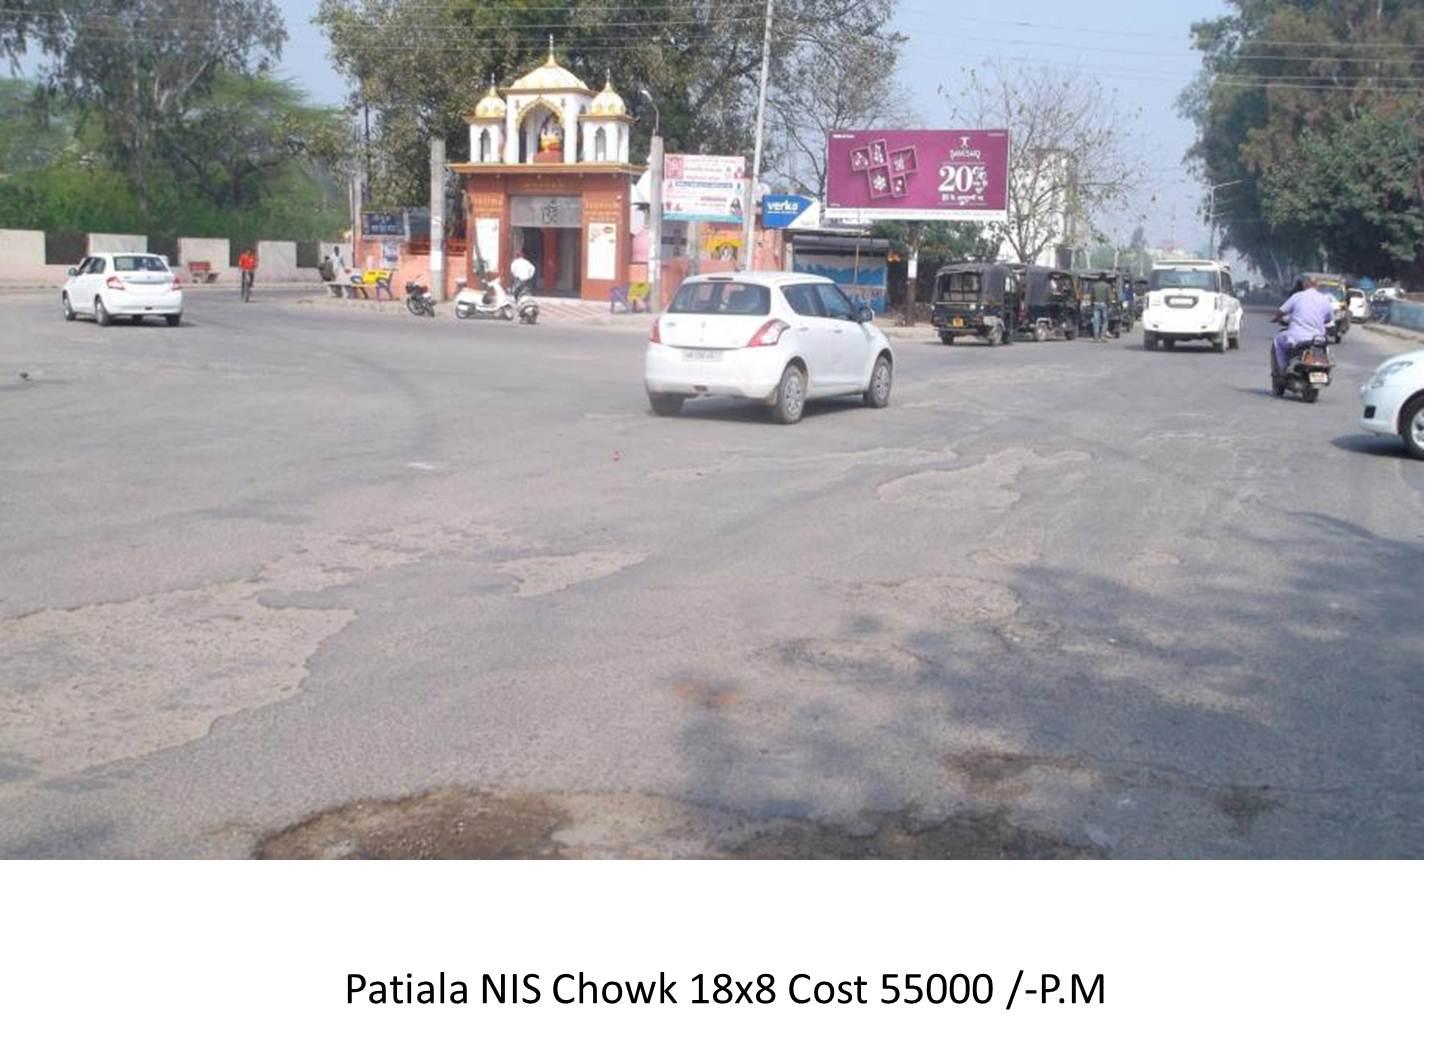 NIS Chowk, Patiala